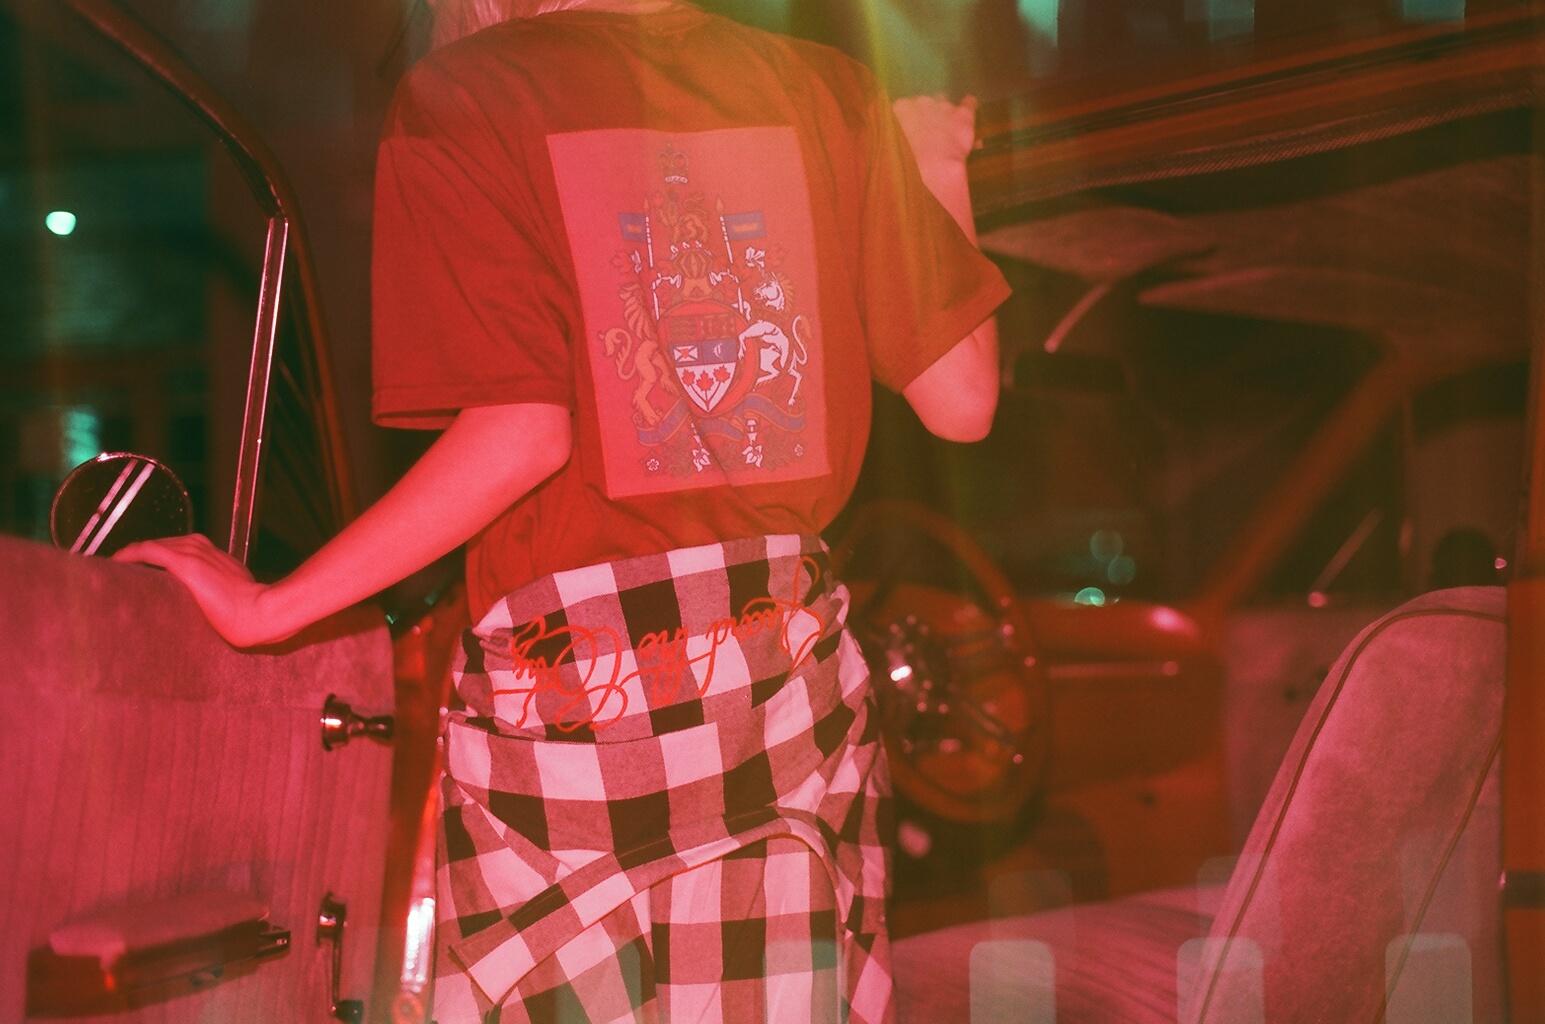 F. A. Citadel Clothing - Halifax Canada Streetwear - Shannon Isaacs